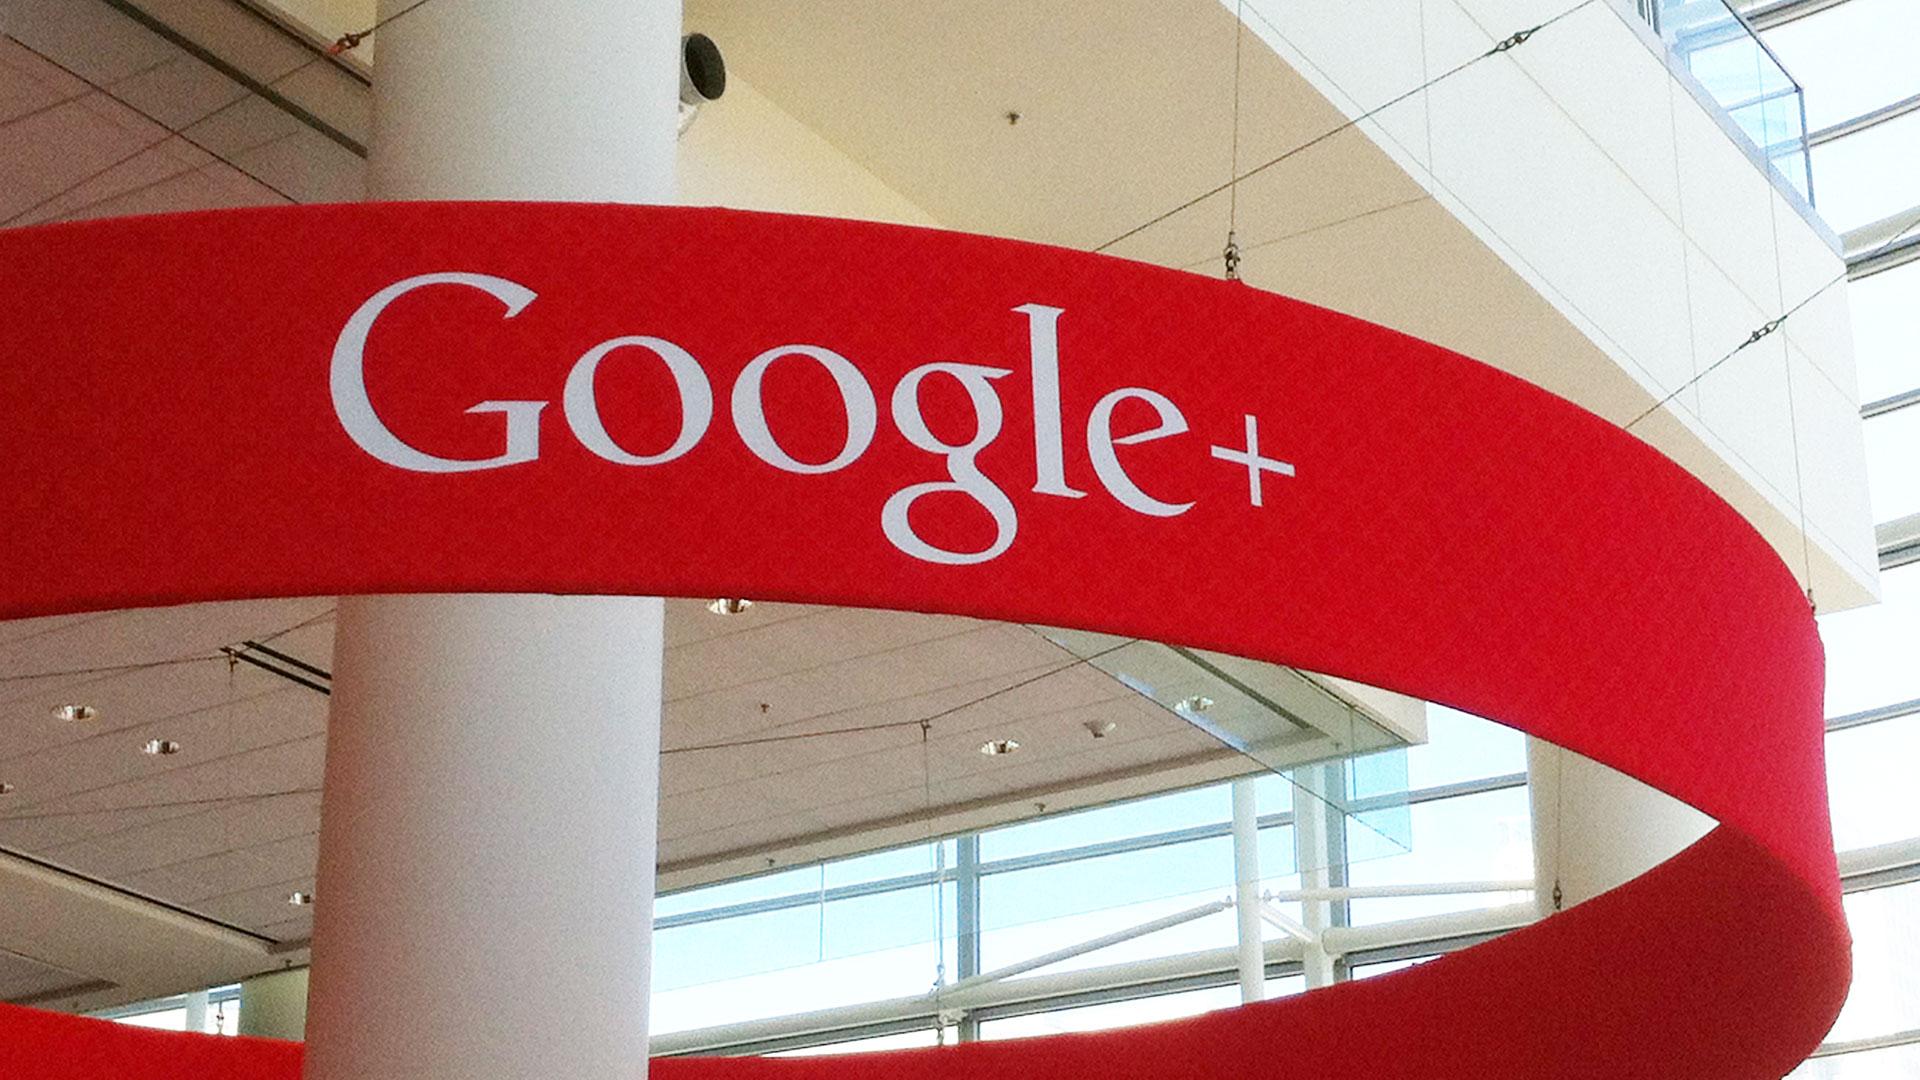 Depuis le 2 avril, Google + n'existe plus. Une fin annoncée par Google à la suite de la découverte d'une faille de sécurité.